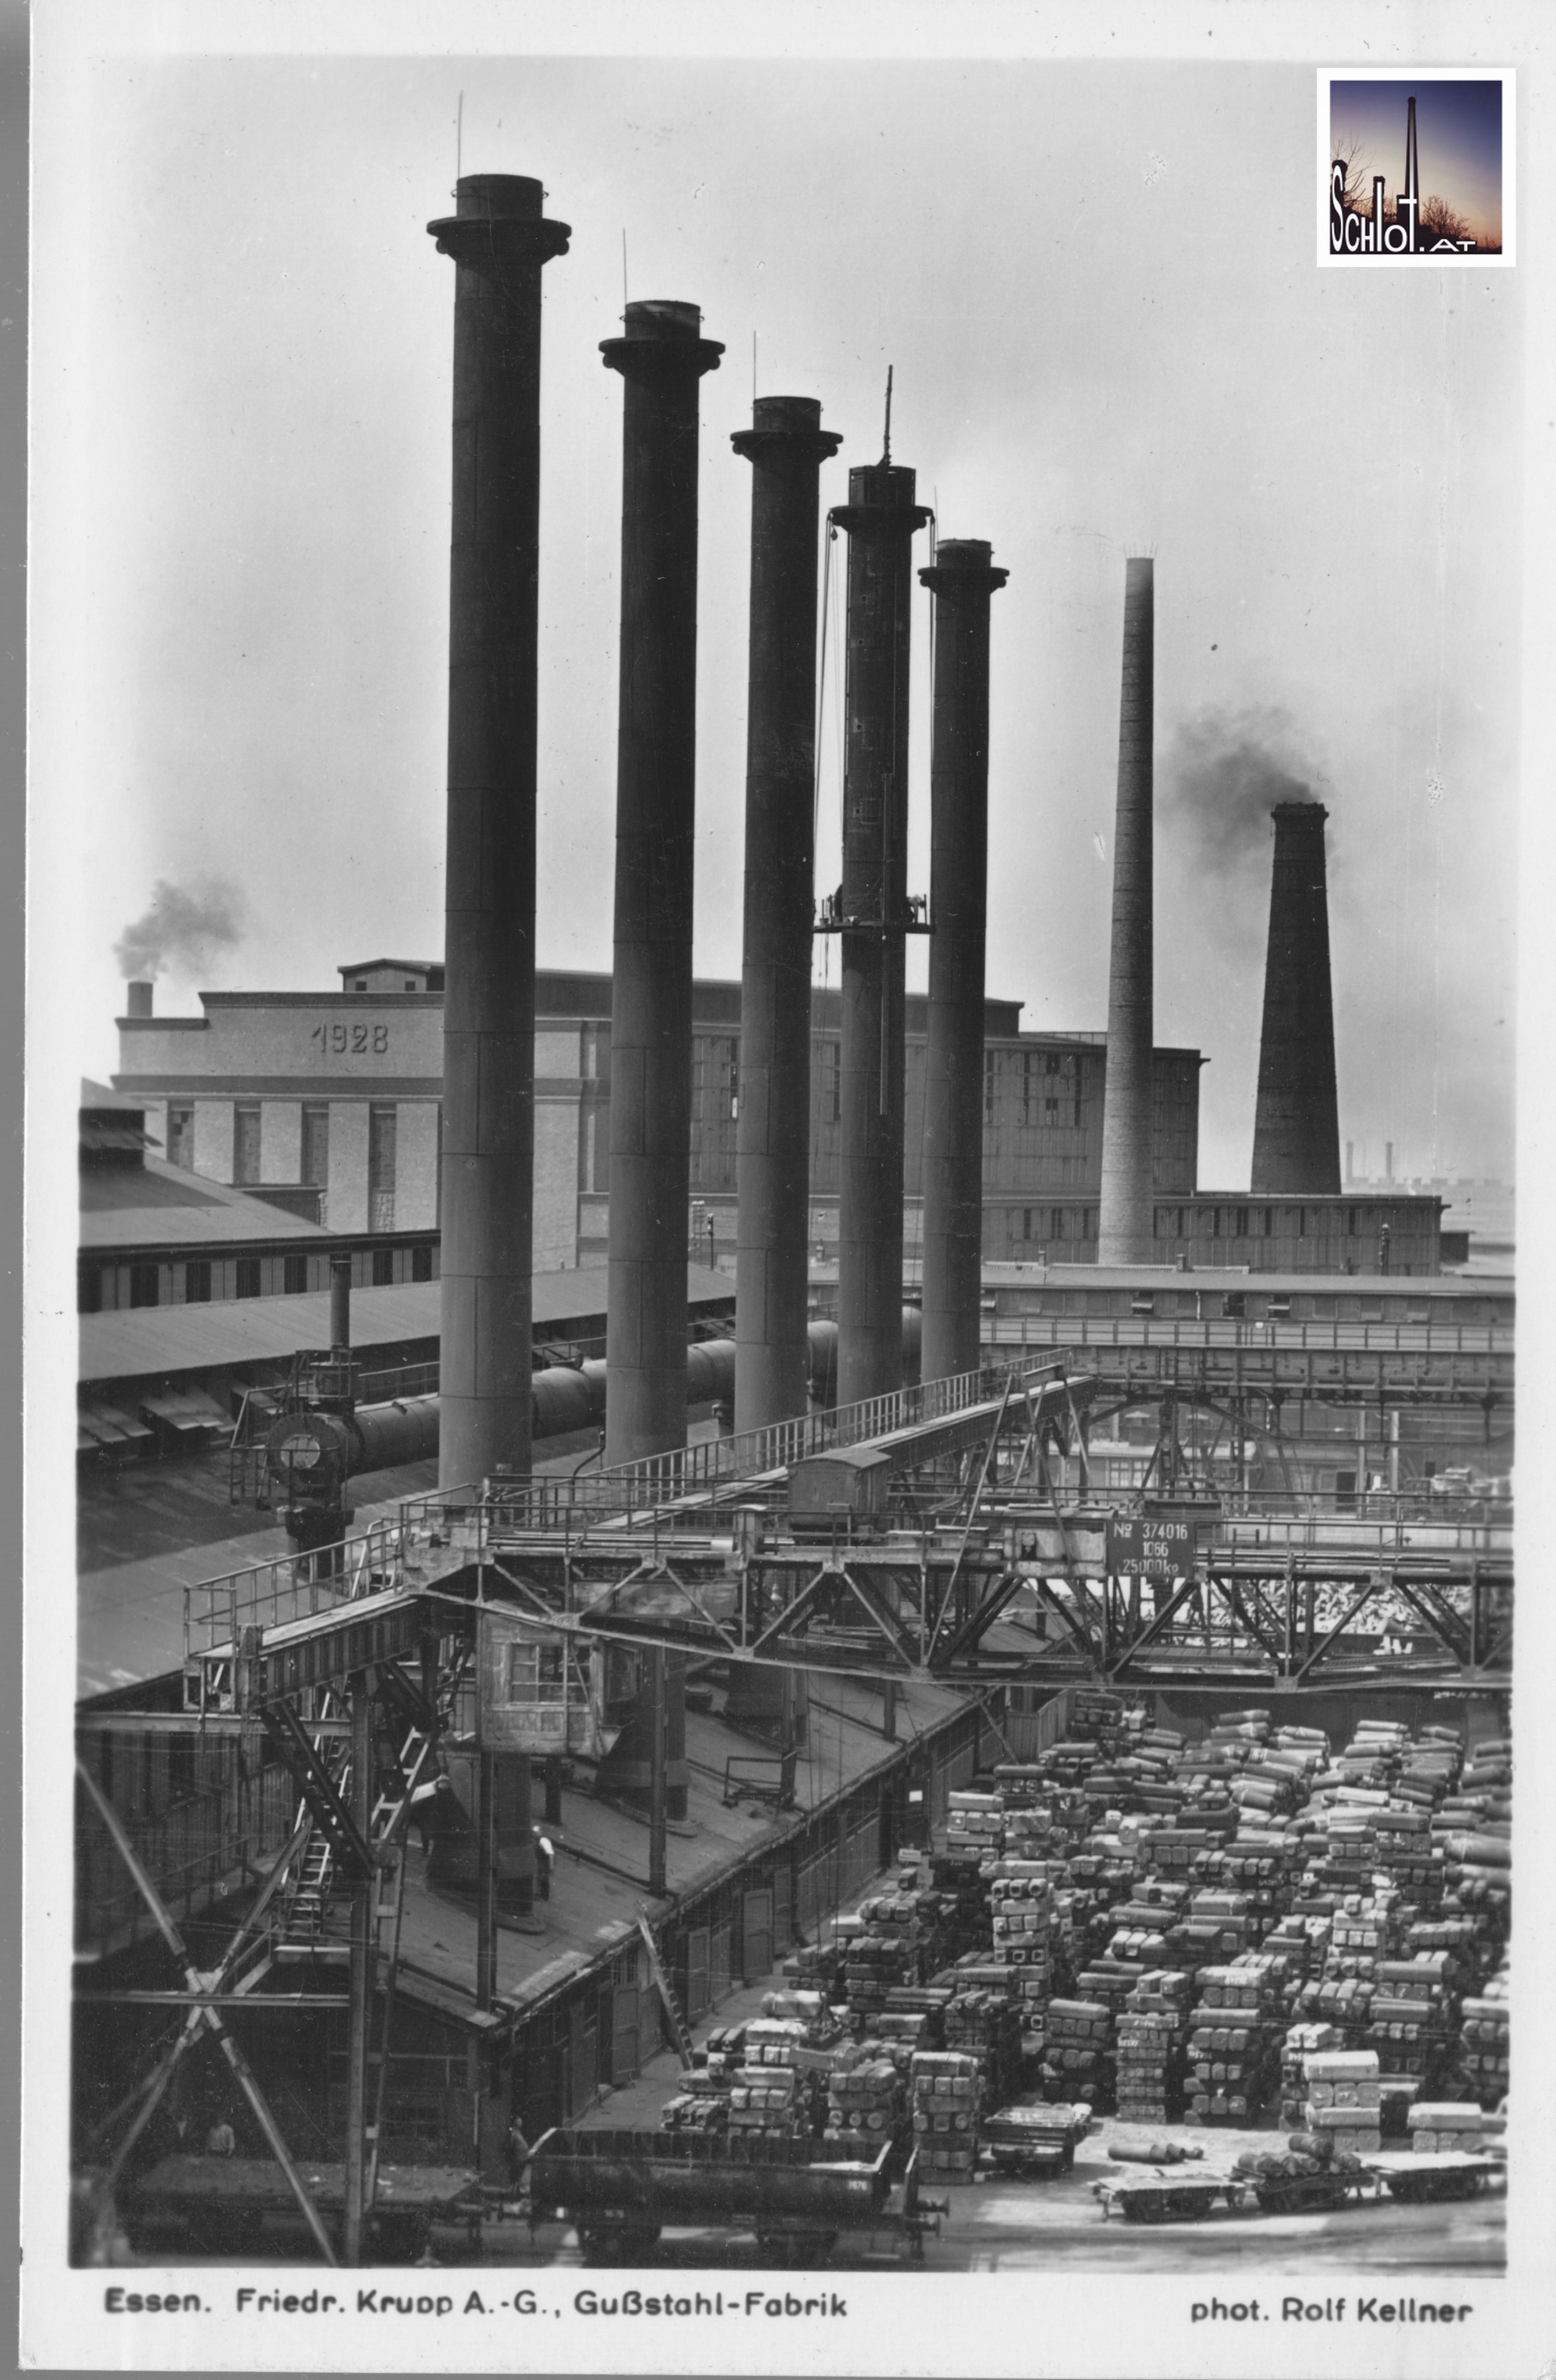 DE-Essen-Krupp-Gussstahlfabrik-schlot